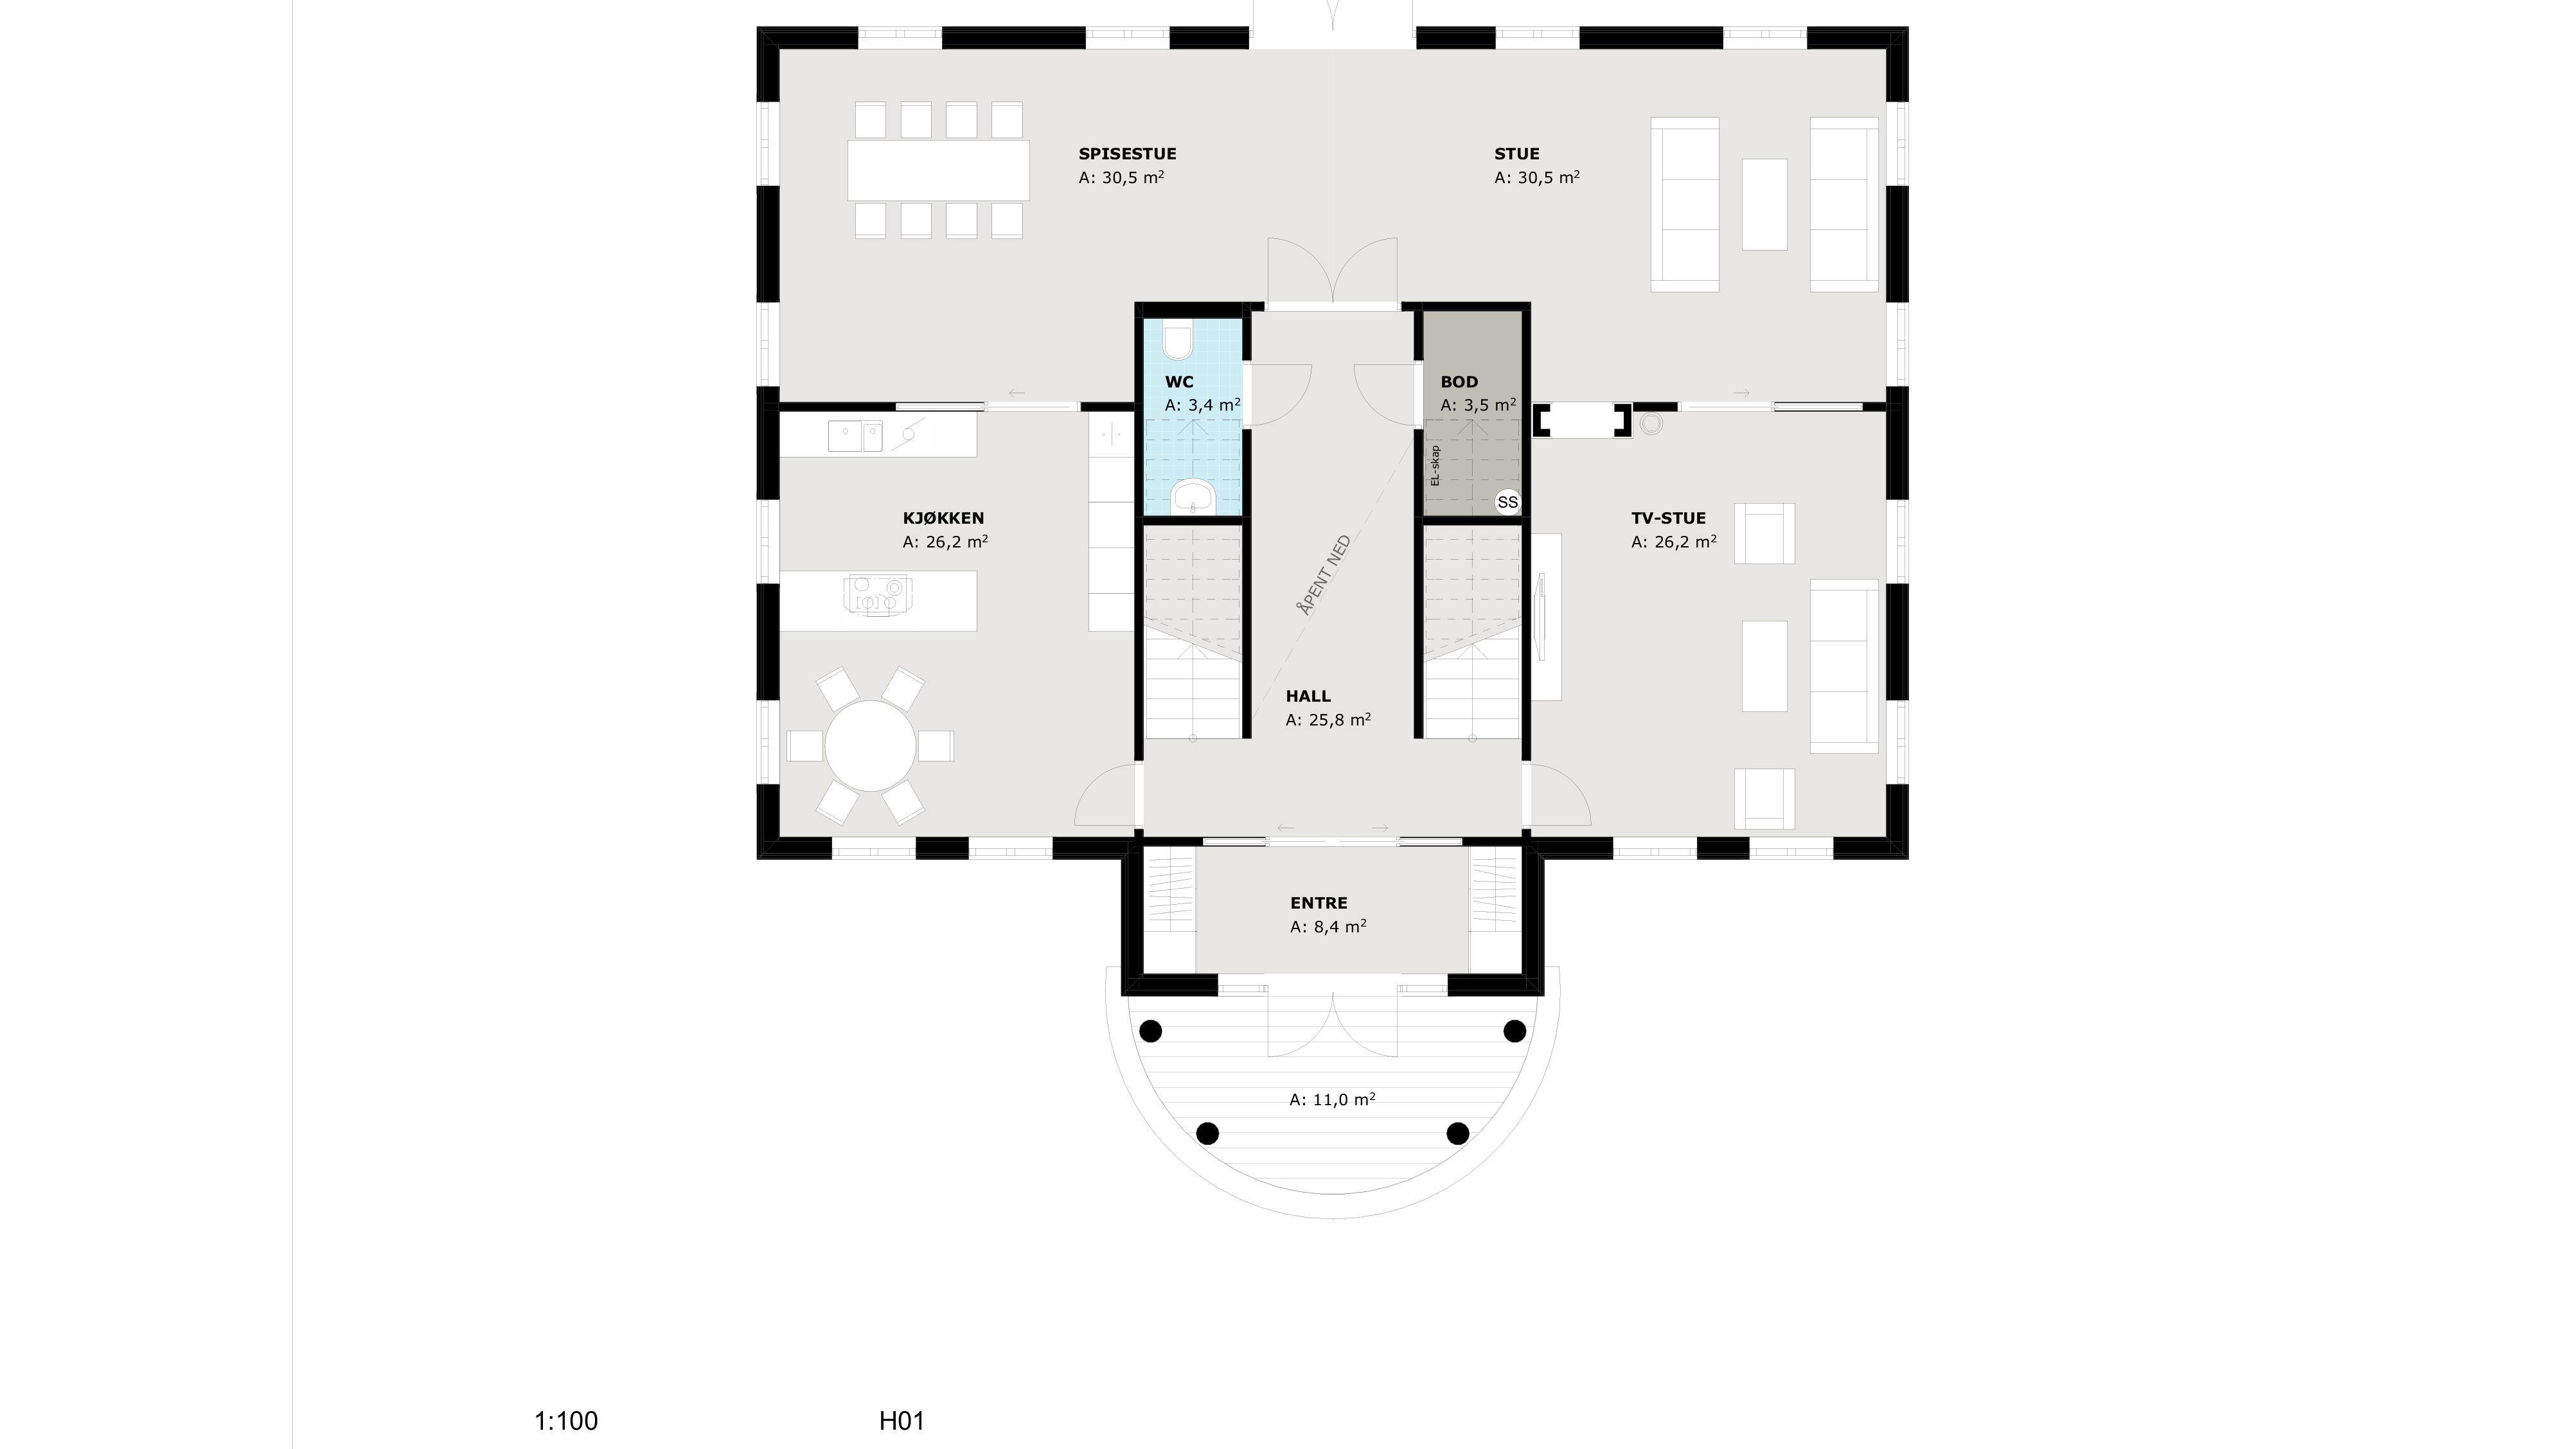 Planløsning første etasje Odel. Lergg merke til den store hallen.